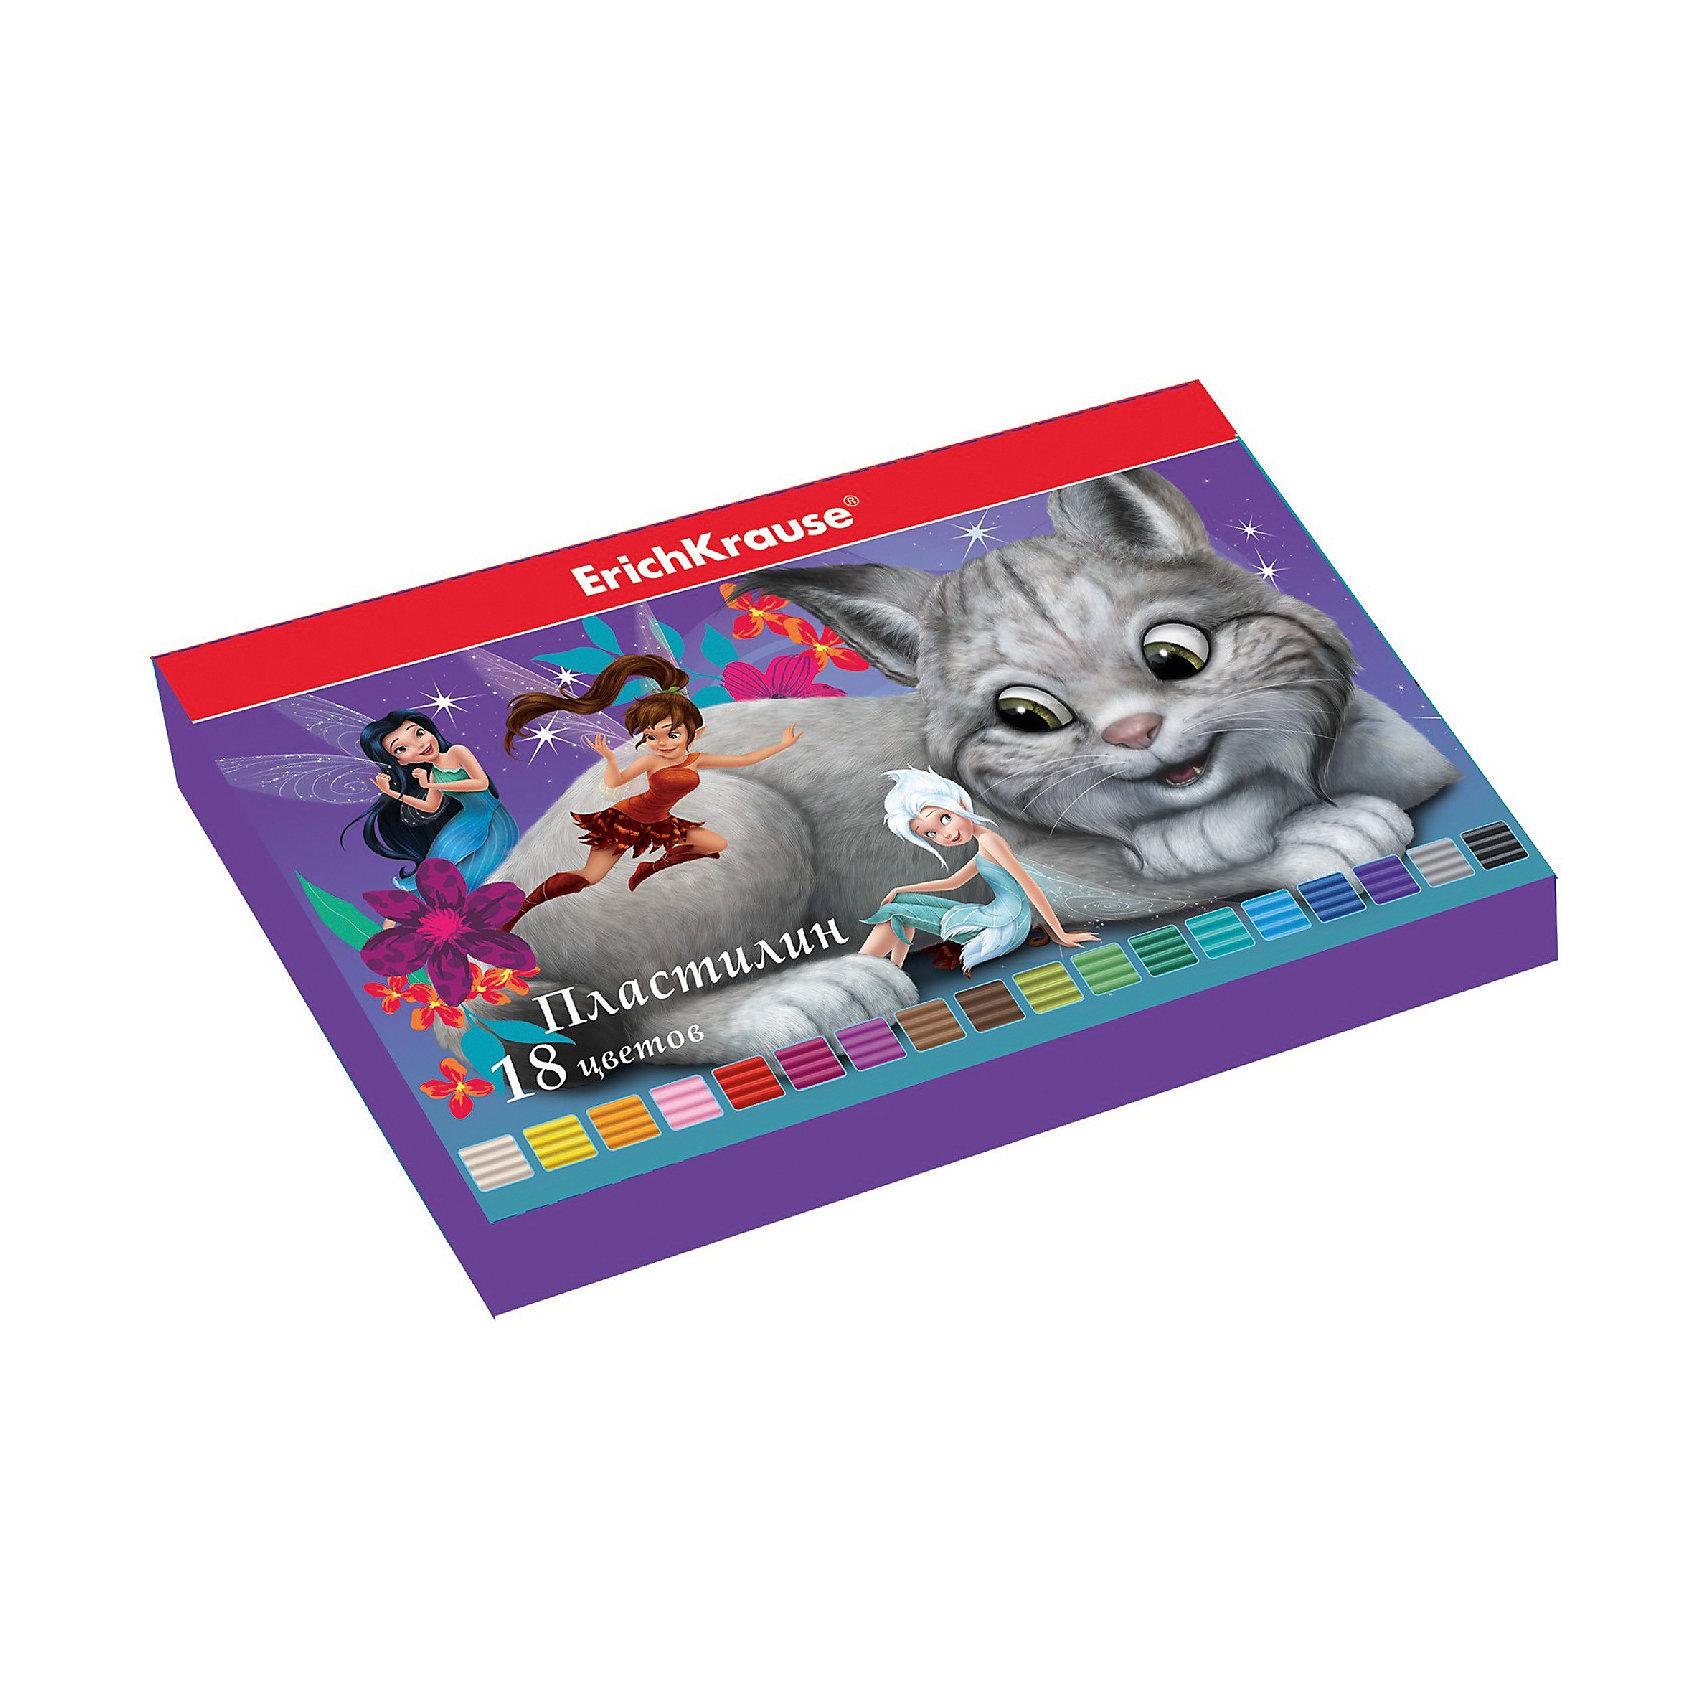 Пластилин 18 цветов Феи и невиданный зверь, 324г, со стекомФеи Дисней<br>Пластилин 18 цветов Феи и невиданный зверь, 324г, со стеком<br><br>Характеристики:<br><br>• В набор входит: 18 брусочков пластилина, лопаточка-стек<br>• Размер упаковки: 22,5 * 1,6 * 14 см.<br>• Вес: 383 г.<br>• Для детей в возрасте: от 3-х лет<br>• Страна производитель: Китай<br><br>Восемнадцать ярких цветных брусочков пластилина изготовлены из безопасных для детей материалов и уже готовы к лепке. В набор входит лопаточка для пластилина, с ней вы сможете разрезать пластилин, делать его плоским или рифленым. Насыщенные цвета пластилина почти не оставляют следов на руках и могут перемешиваться между собой. Поделки из разных цветов отлично прикрепляются друг к другу. Работая с пластилином вы можете делать объемные фигурки, а также можете наносить пластилин на бумагу, картон или даже стекло, чтобы выполнять новые картины или даже фрески. <br><br>В набор входят целых восемнадцать цветов, которые помогут создать настоящие шедевры. Занимаясь лепкой дети развивают моторику рук, творческие способности, восприятие цветов и их сочетаний, а также лепка благотворно влияет на развитие речи, координацию движений, память и логическое мышление. Лепка всей семьей поможет весело и пользой провести время!<br><br>Пластилин 18 цветов Феи и невиданный зверь, 324г, со стеком можно купить в нашем интернет-магазине<br><br>Ширина мм: 225<br>Глубина мм: 143<br>Высота мм: 16<br>Вес г: 383<br>Возраст от месяцев: 60<br>Возраст до месяцев: 216<br>Пол: Унисекс<br>Возраст: Детский<br>SKU: 5409298